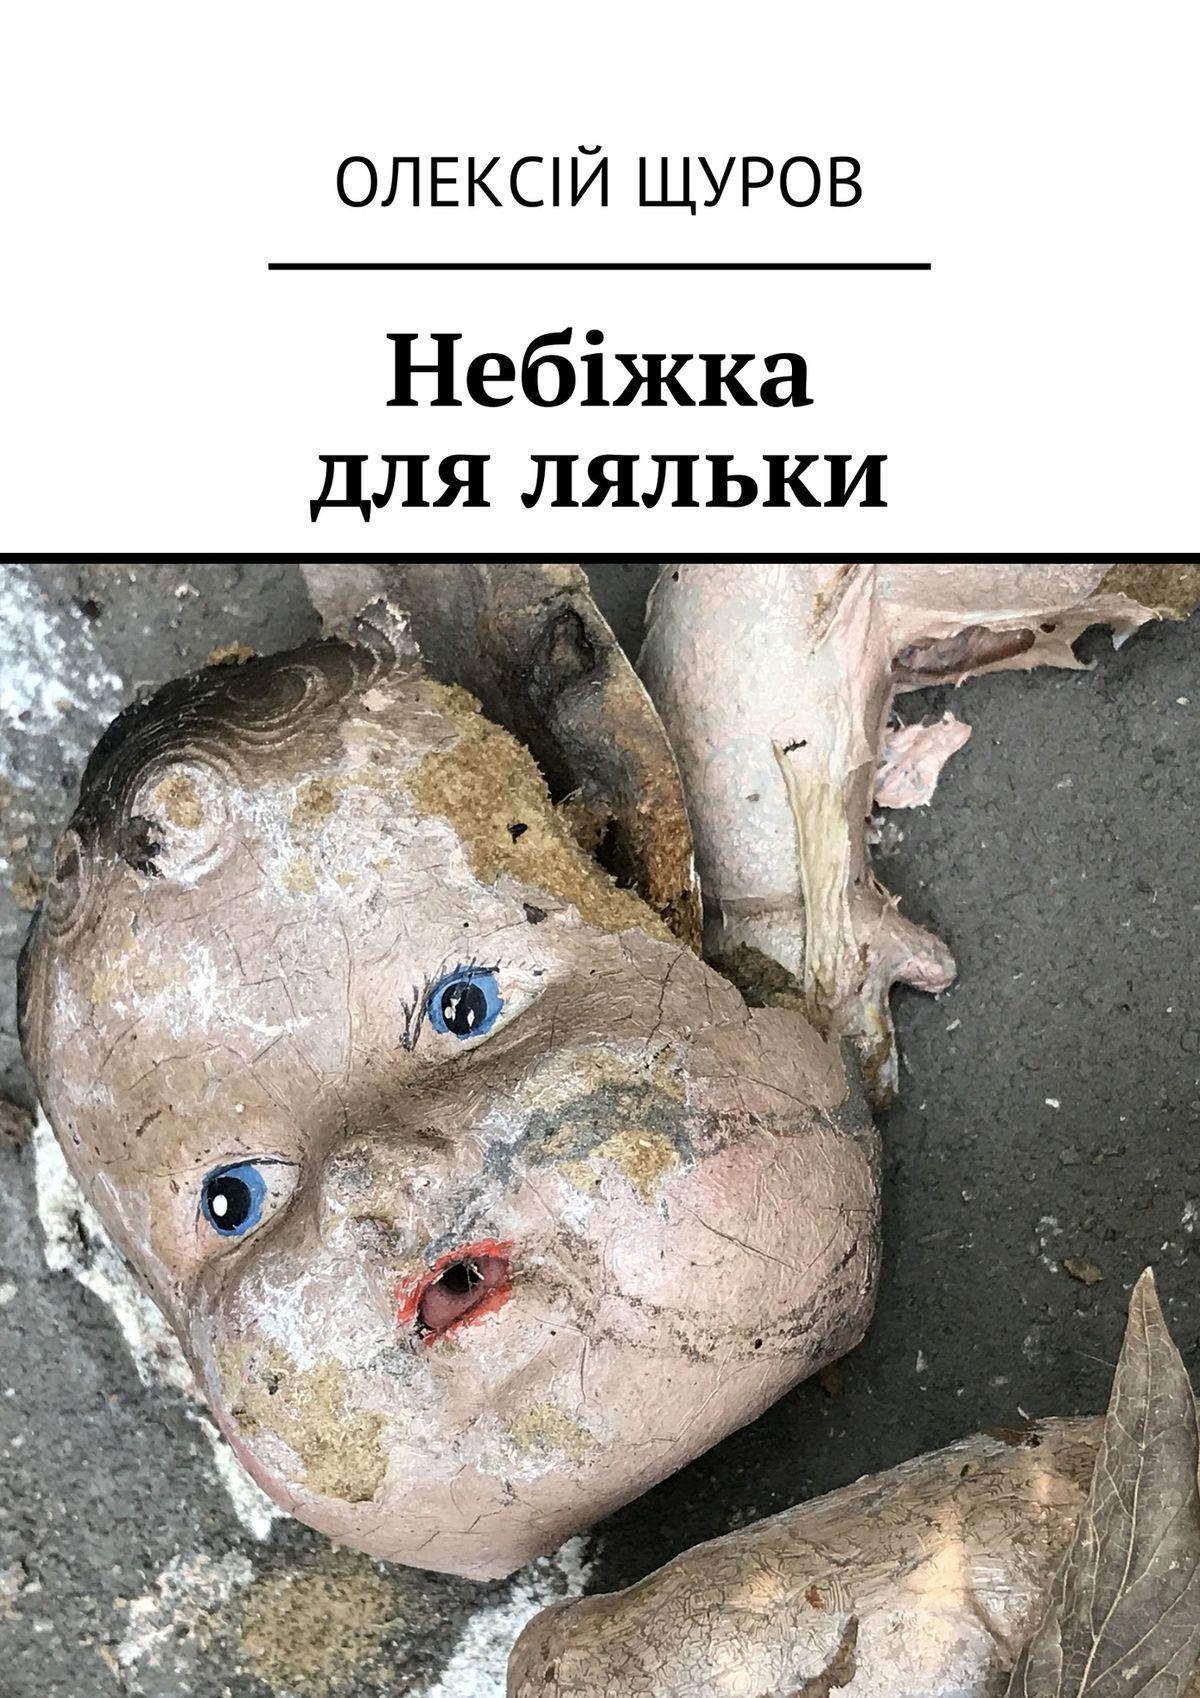 Олексій Щуров Небіжка дляляльки олексій щуров post mortem